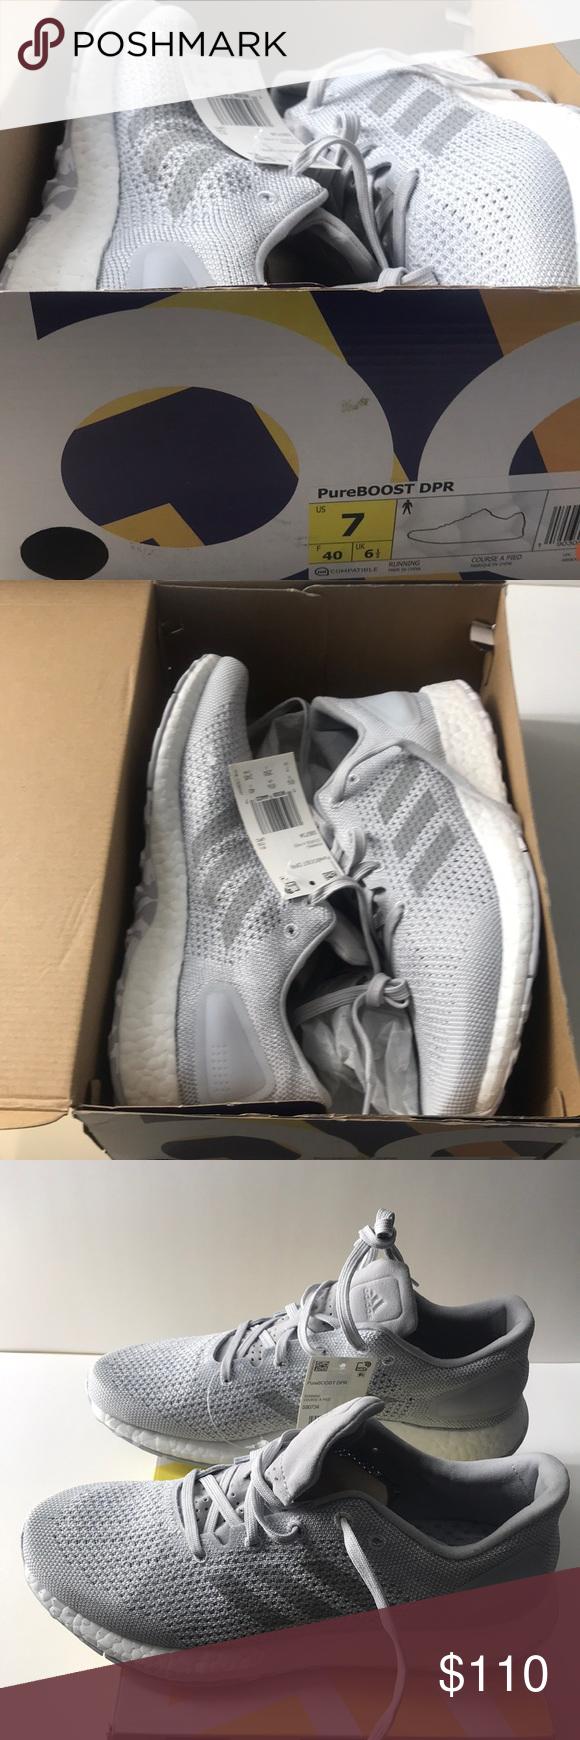 Adidas pureboost DPR Limited Gray corriendo zapatos NWT altos estándares